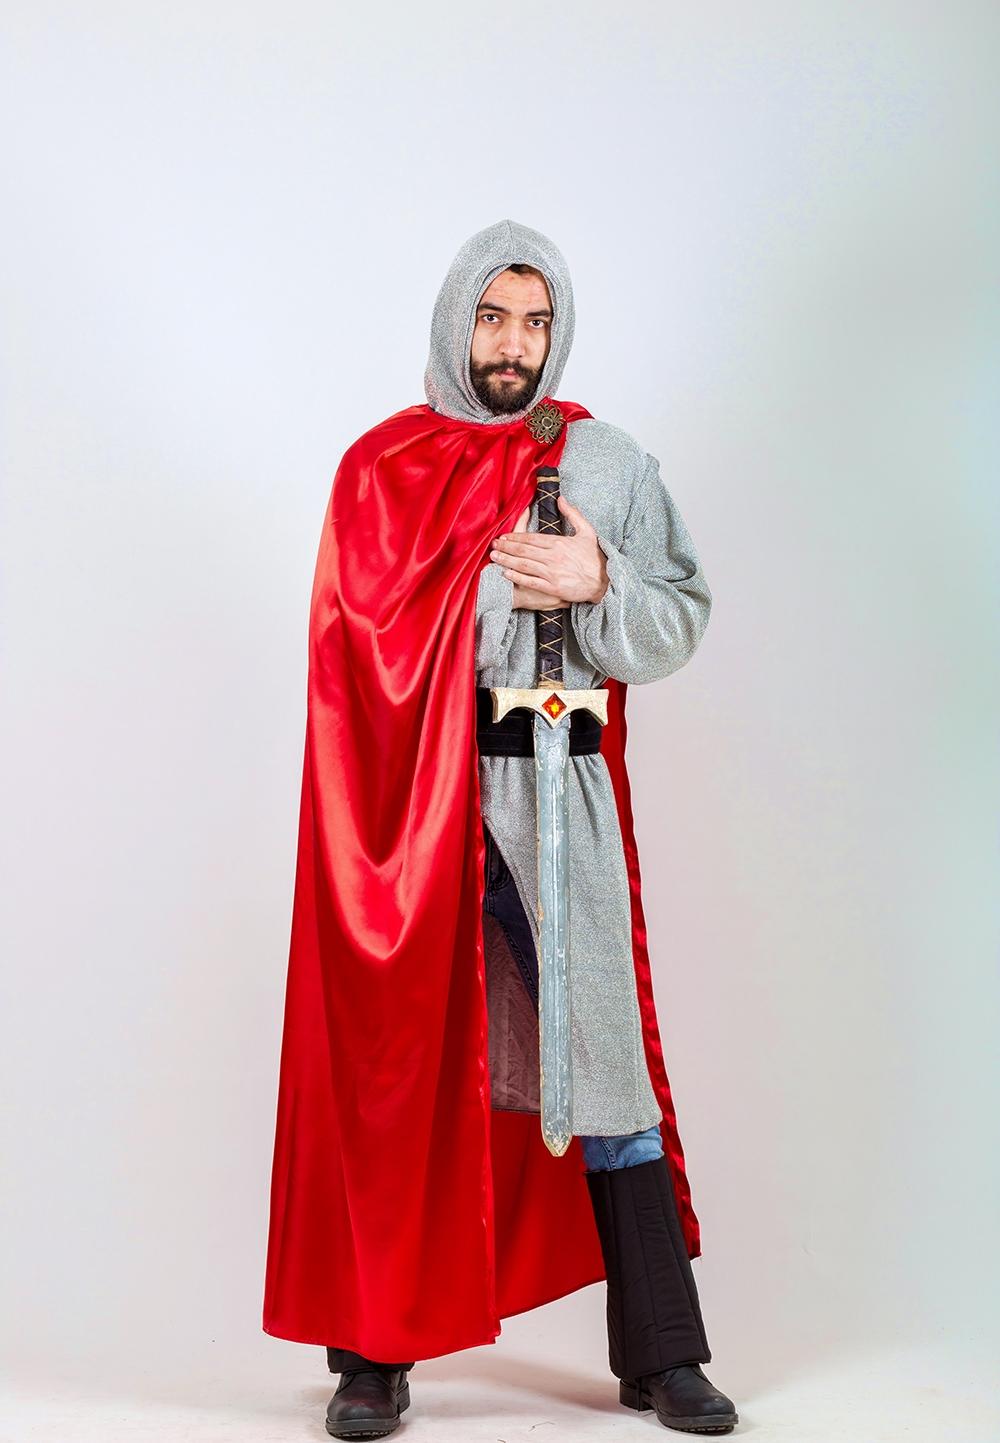 sovalye-gumus-kırmızı-pelerin